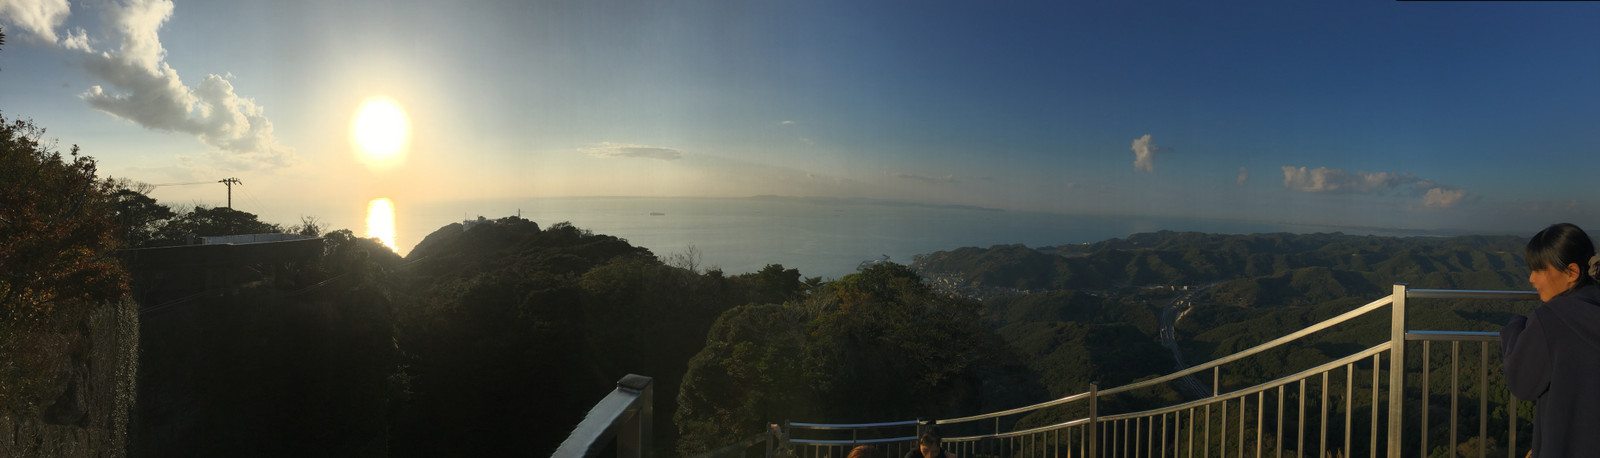 パノラマ写真。東京湾と三浦半島が見える、夕日が海に反射している。